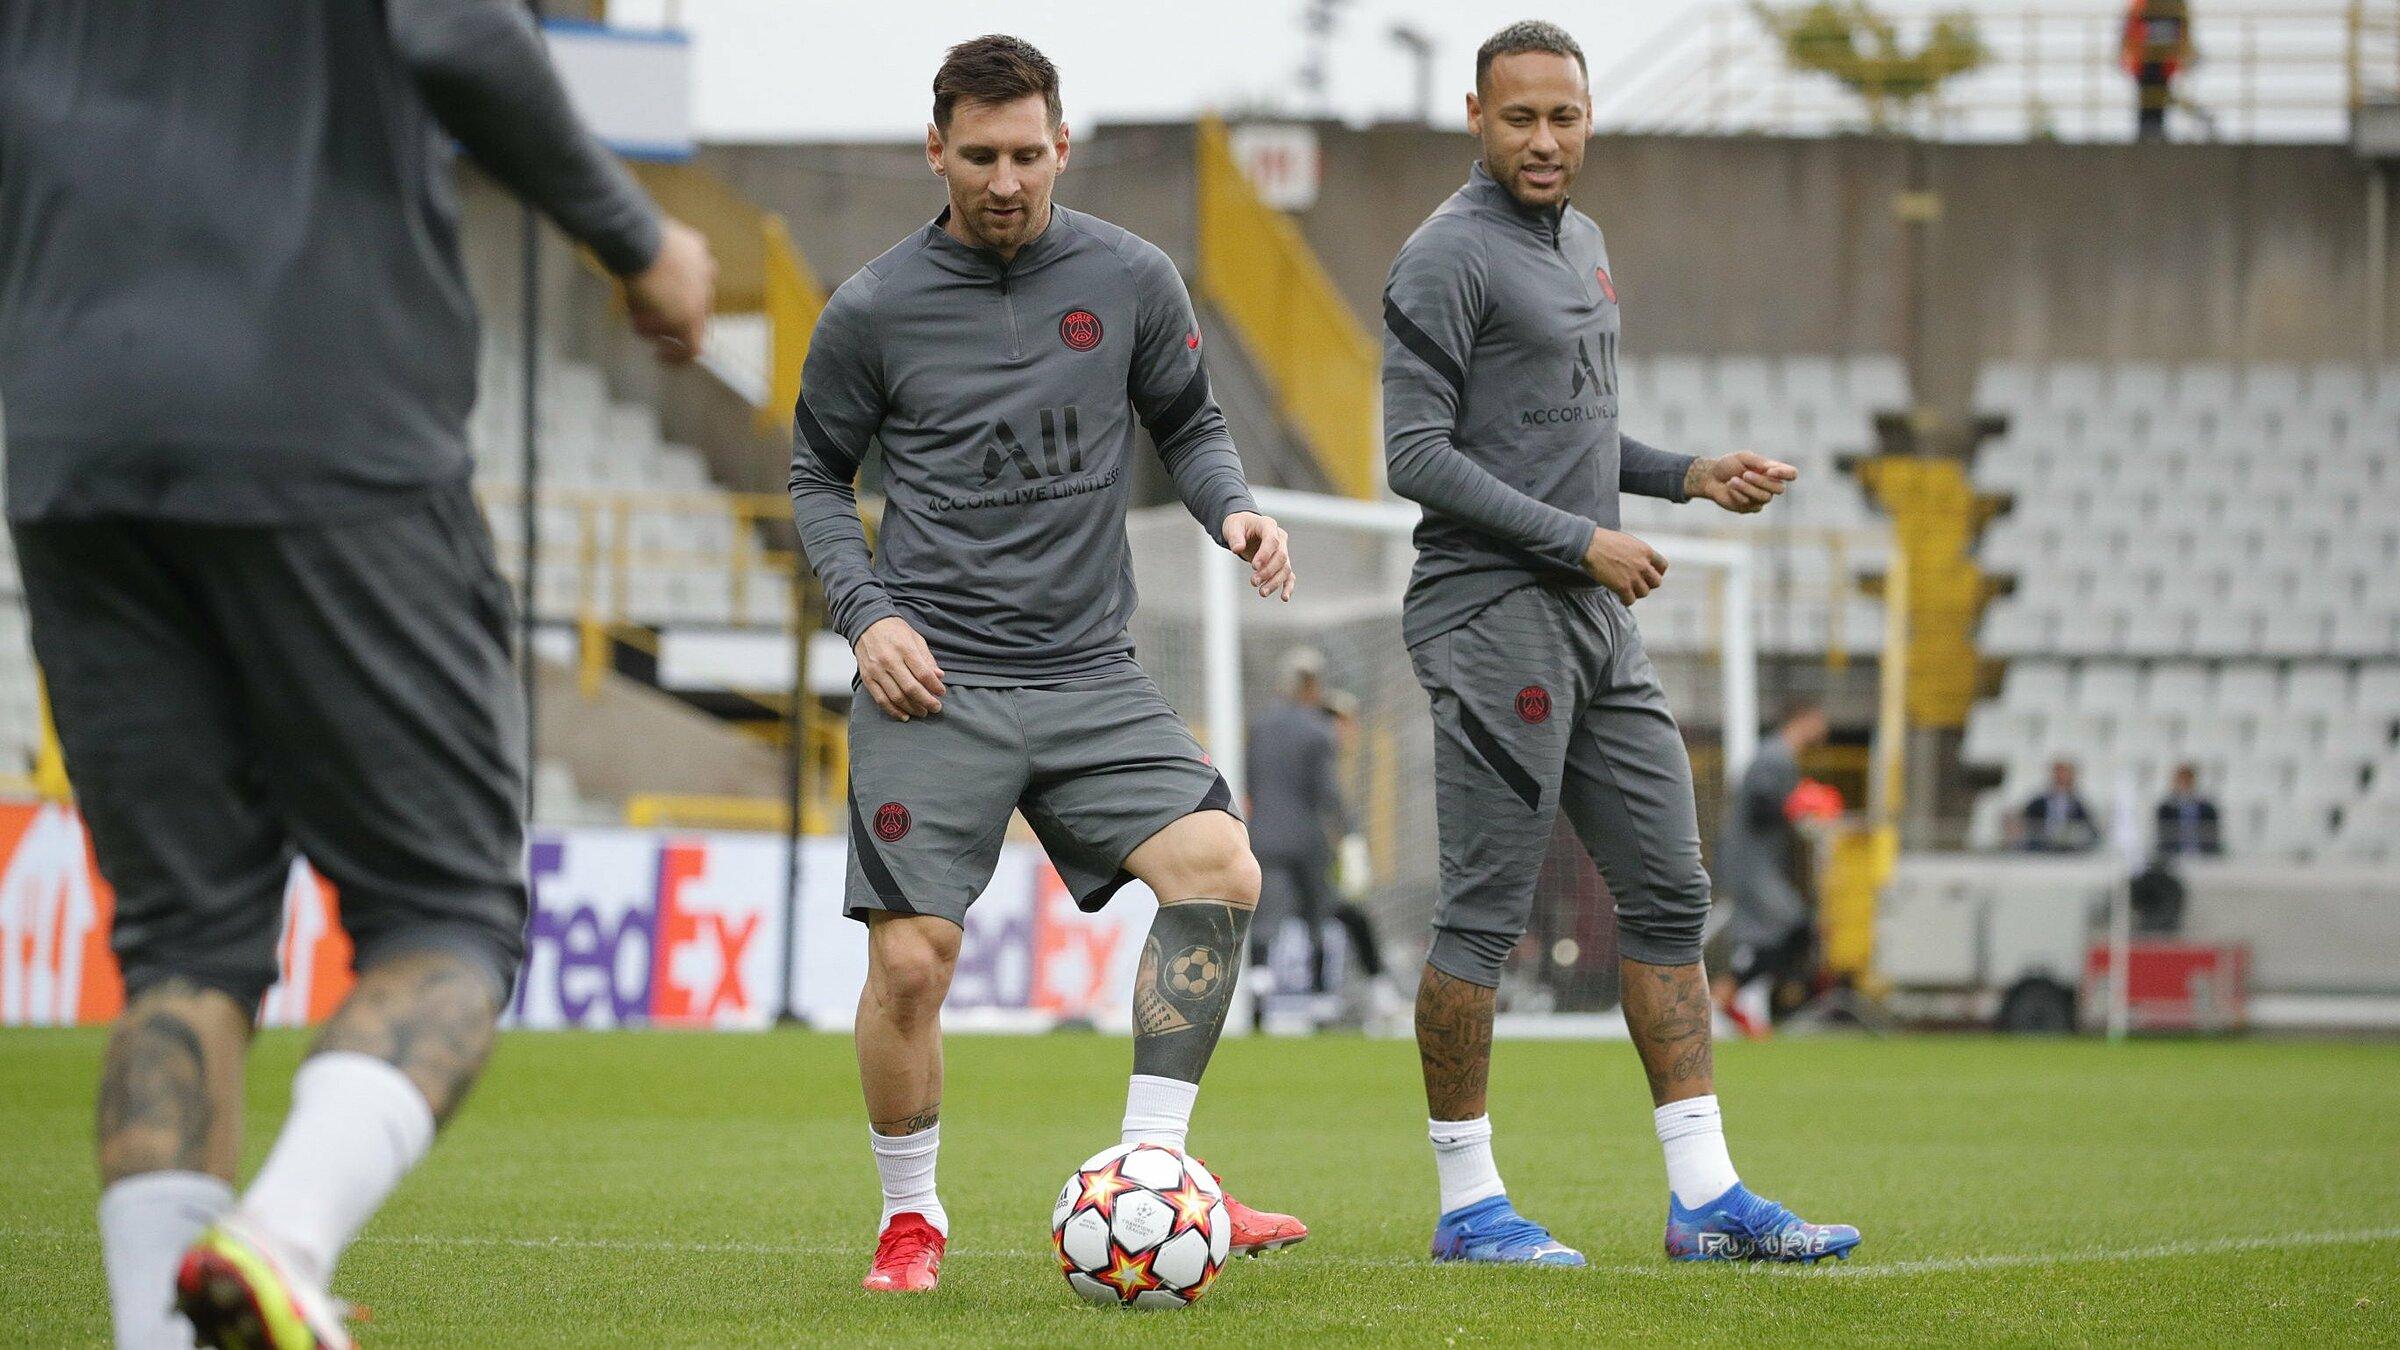 Messi vắng mặt ở Ligue 1 cuối tuần qua vì không kịp bình phục sau loạt trận vòng loại World Cup 2022, nhưng hoàn toàn sẵn sàng để đá chính trước Brugge hôm nay. Ảnh: Twitter / PSG